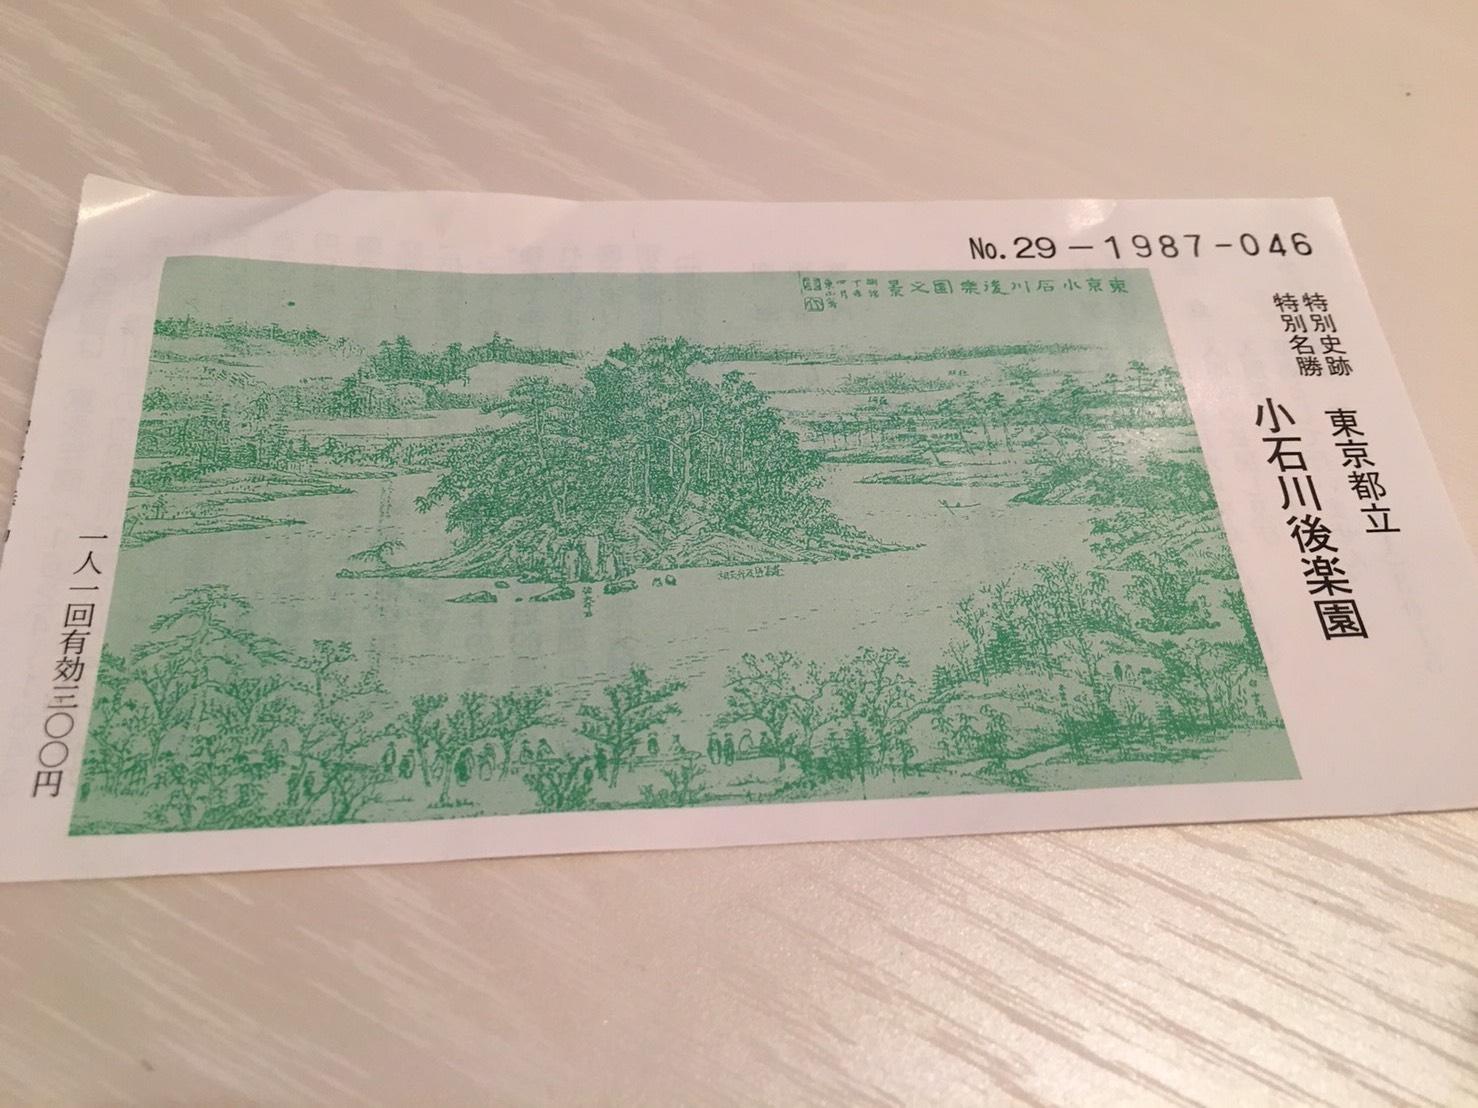 【飯田橋駅】江戸時代の中国趣味豊かな景観で一句「小石川後楽園」の入園券